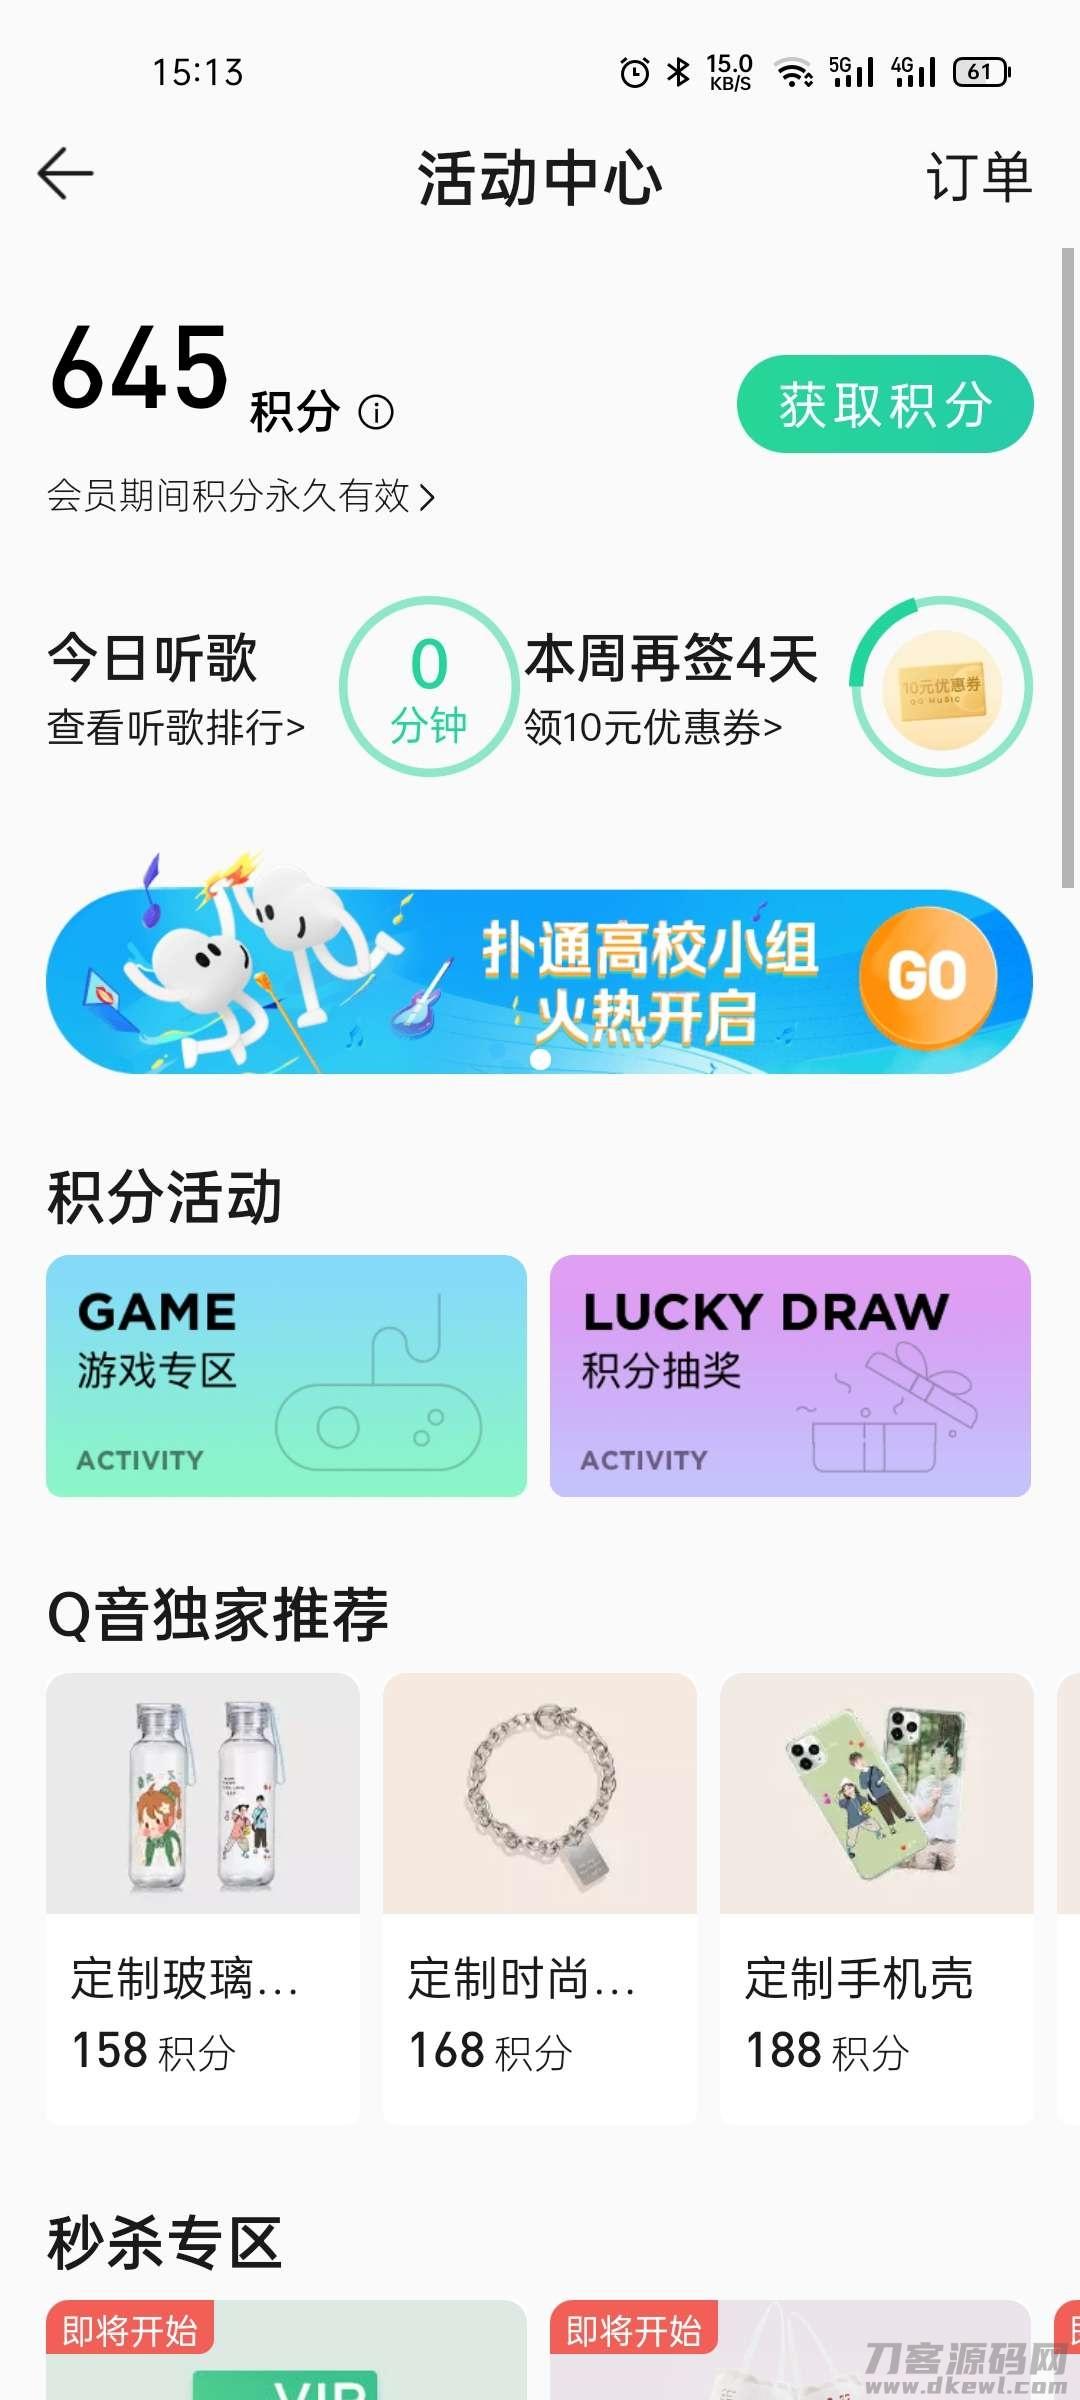 【虚拟商品】QQ音乐签到可得7天绿钻豪华版等插图